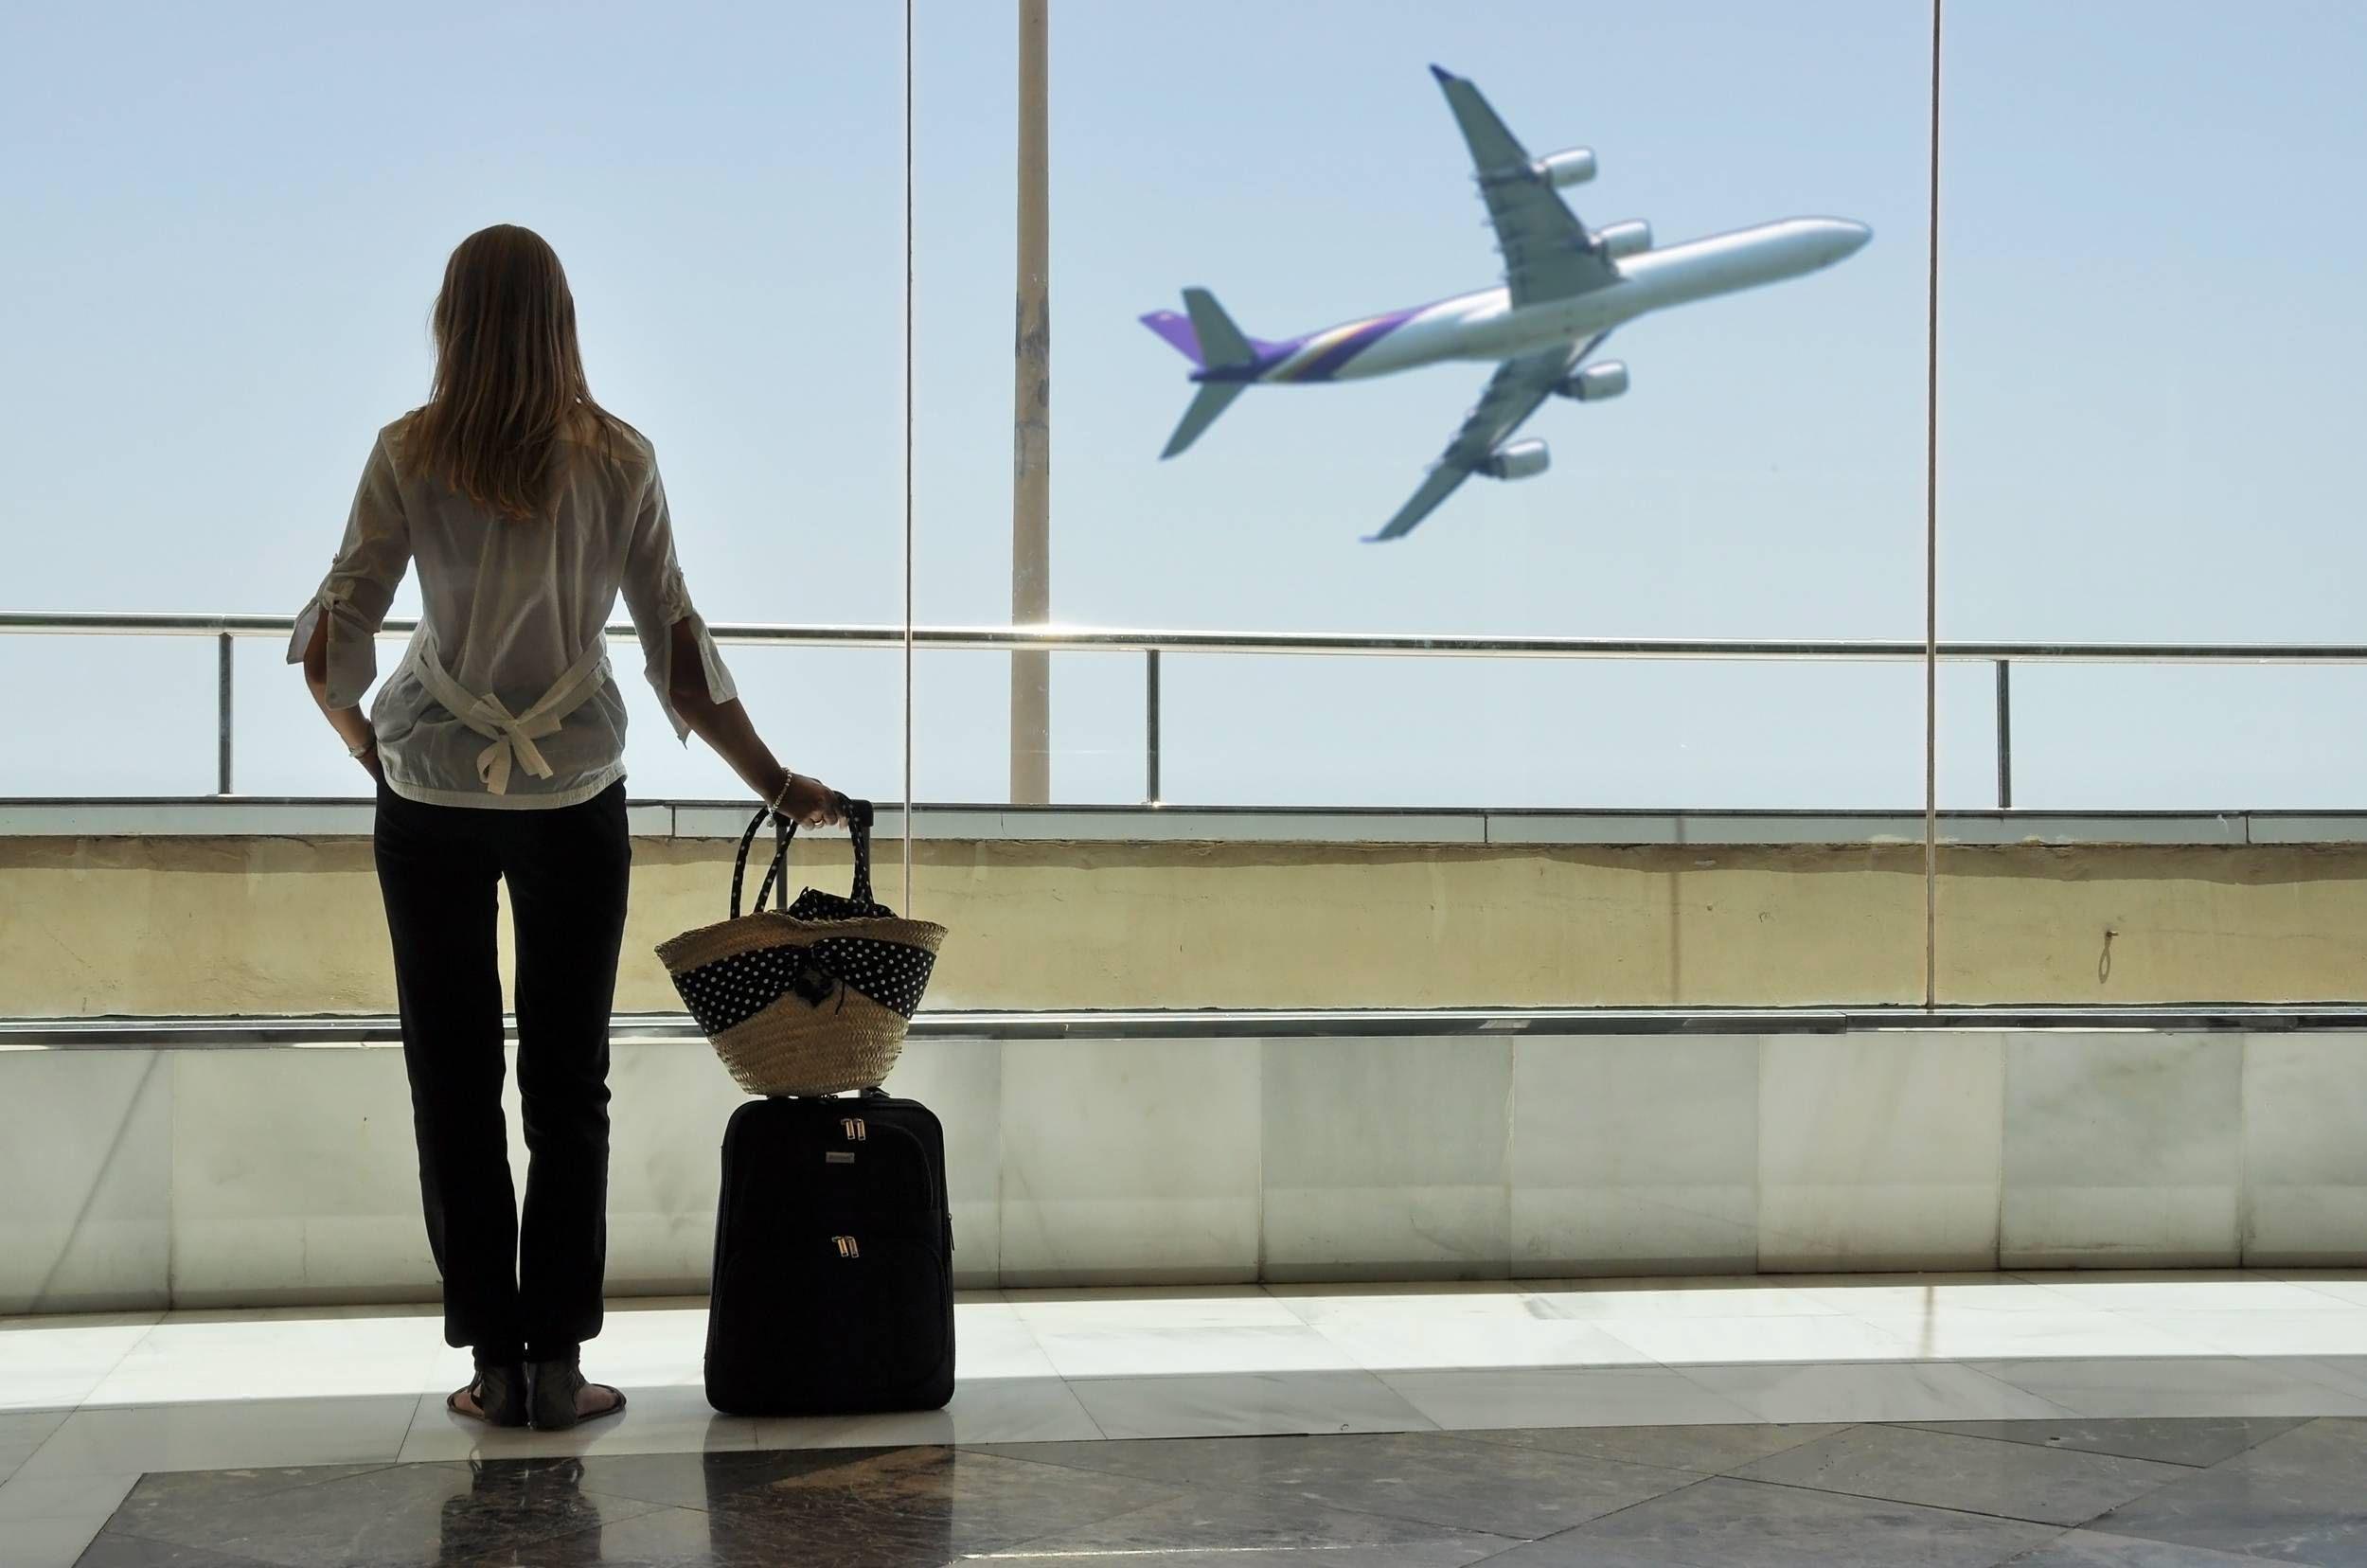 [Bon plan] Envolez-vous vers New York pour 129 € avec Wow Air